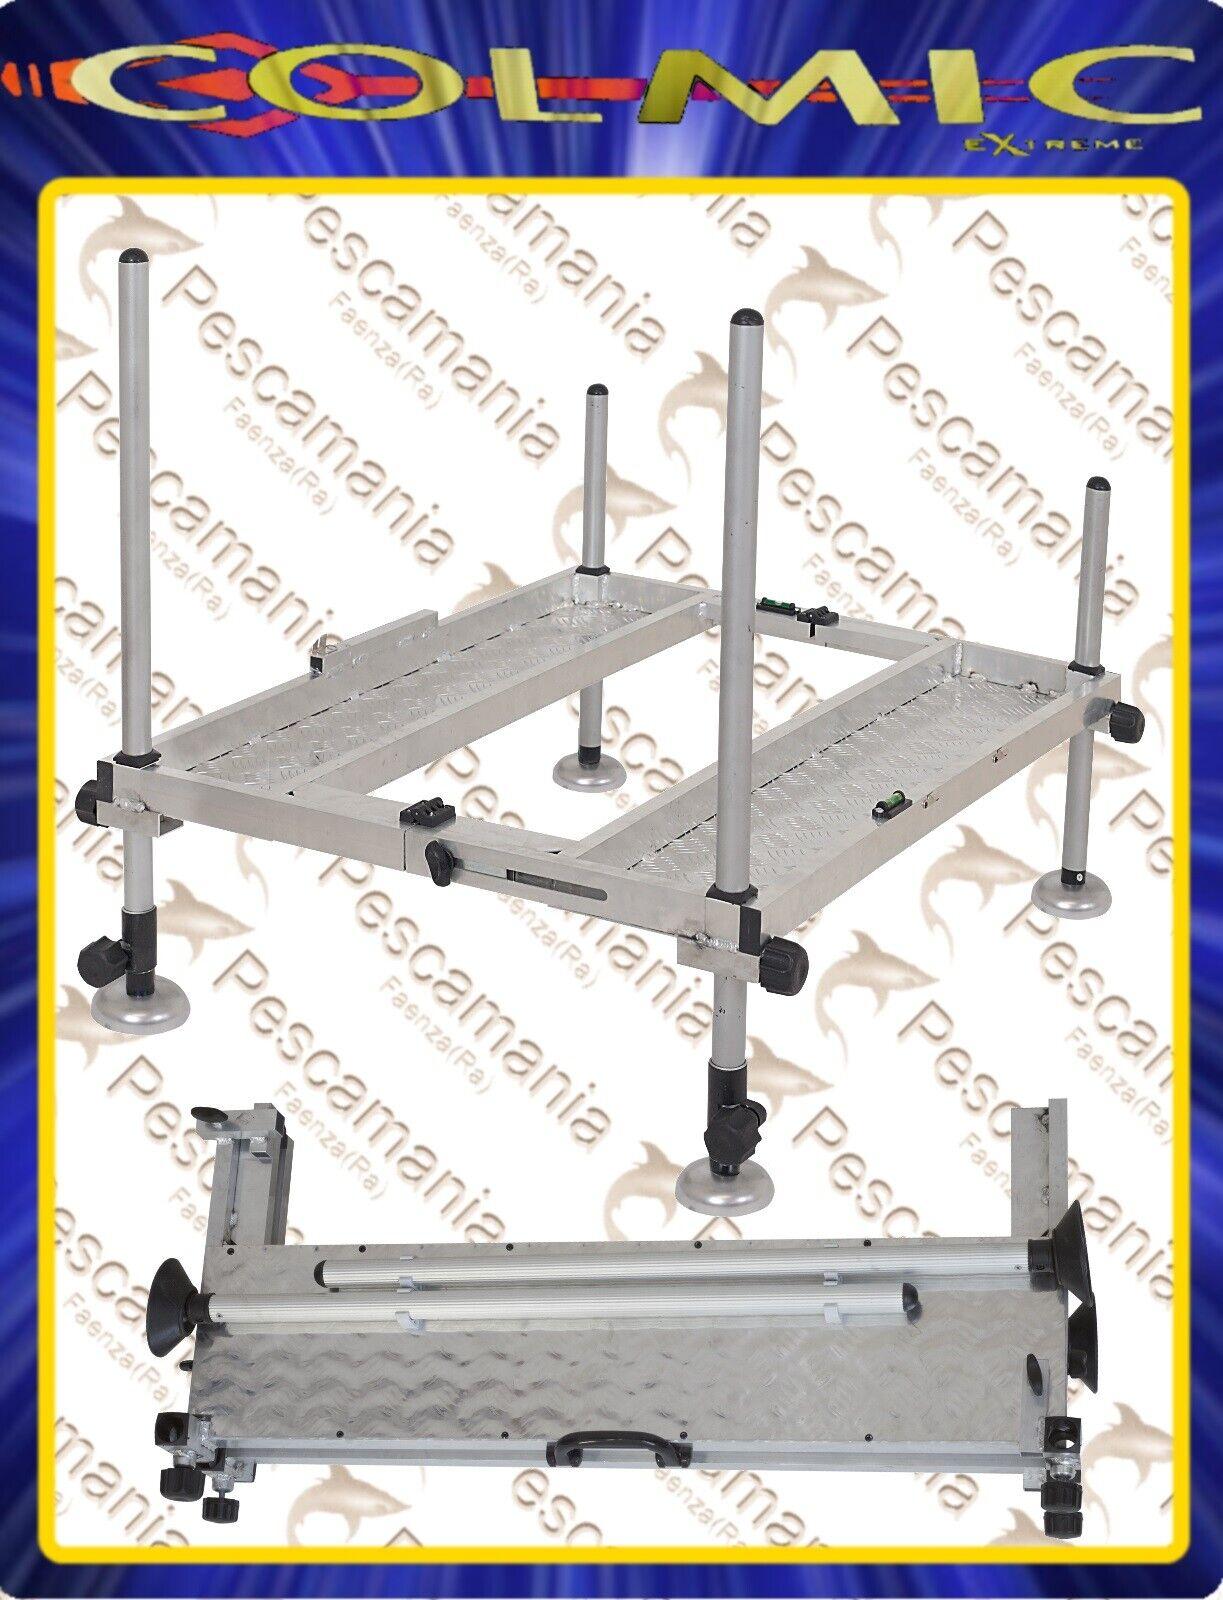 Pedana in tuttiuminio per paniere da pesca Colmic Folding PRO cm 75x95 piattaforma